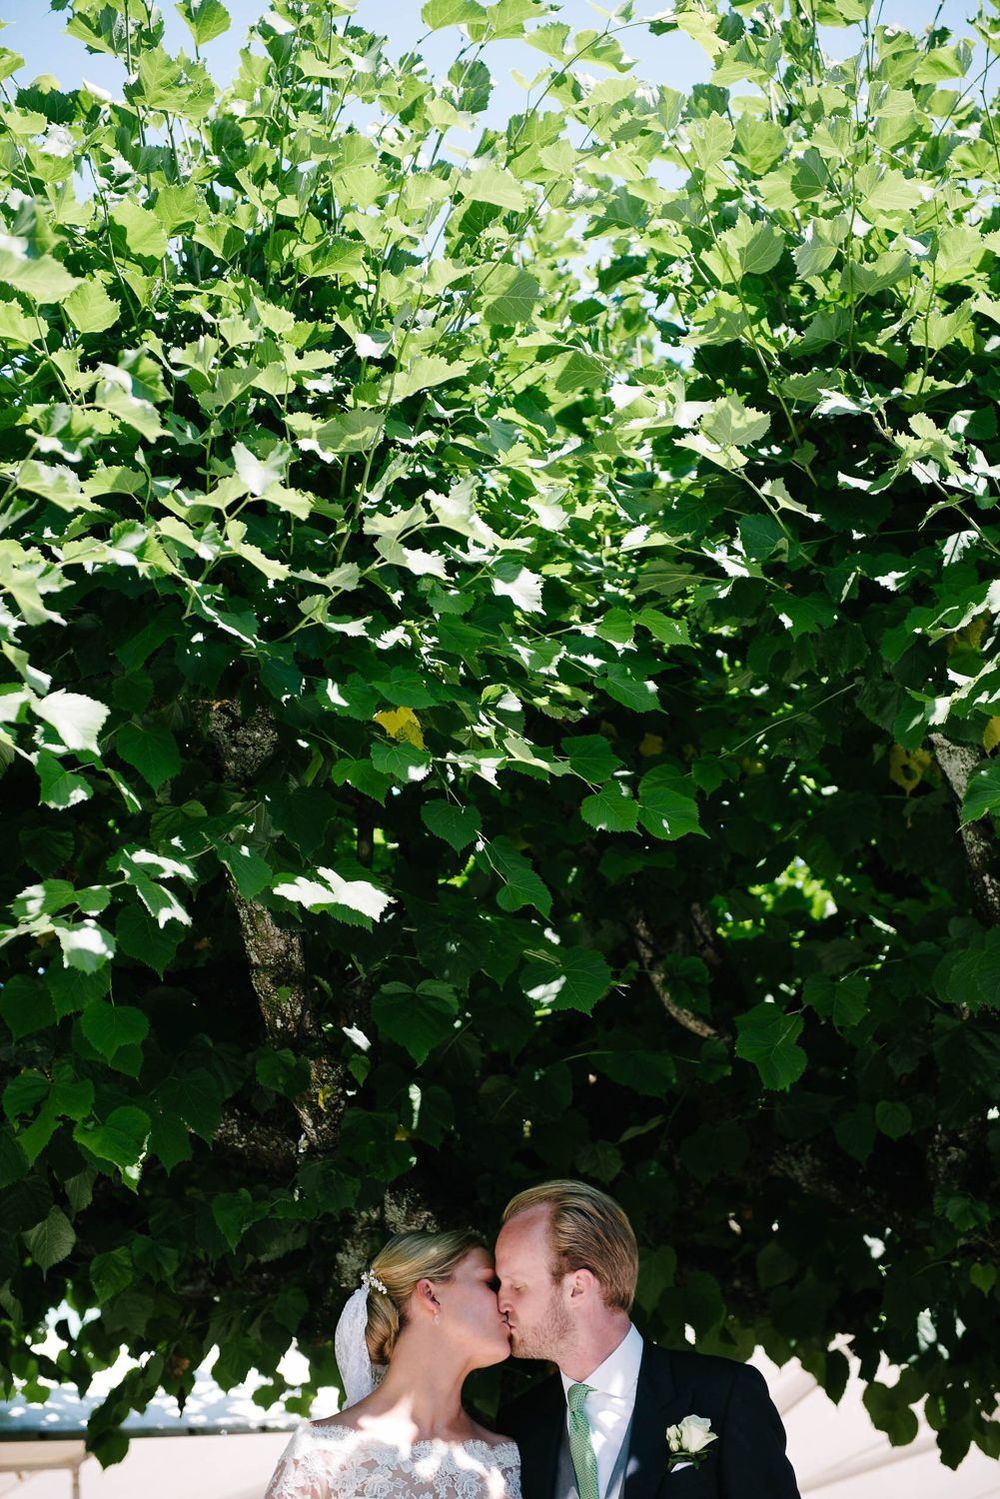 Kuss unter einem jungen Baum